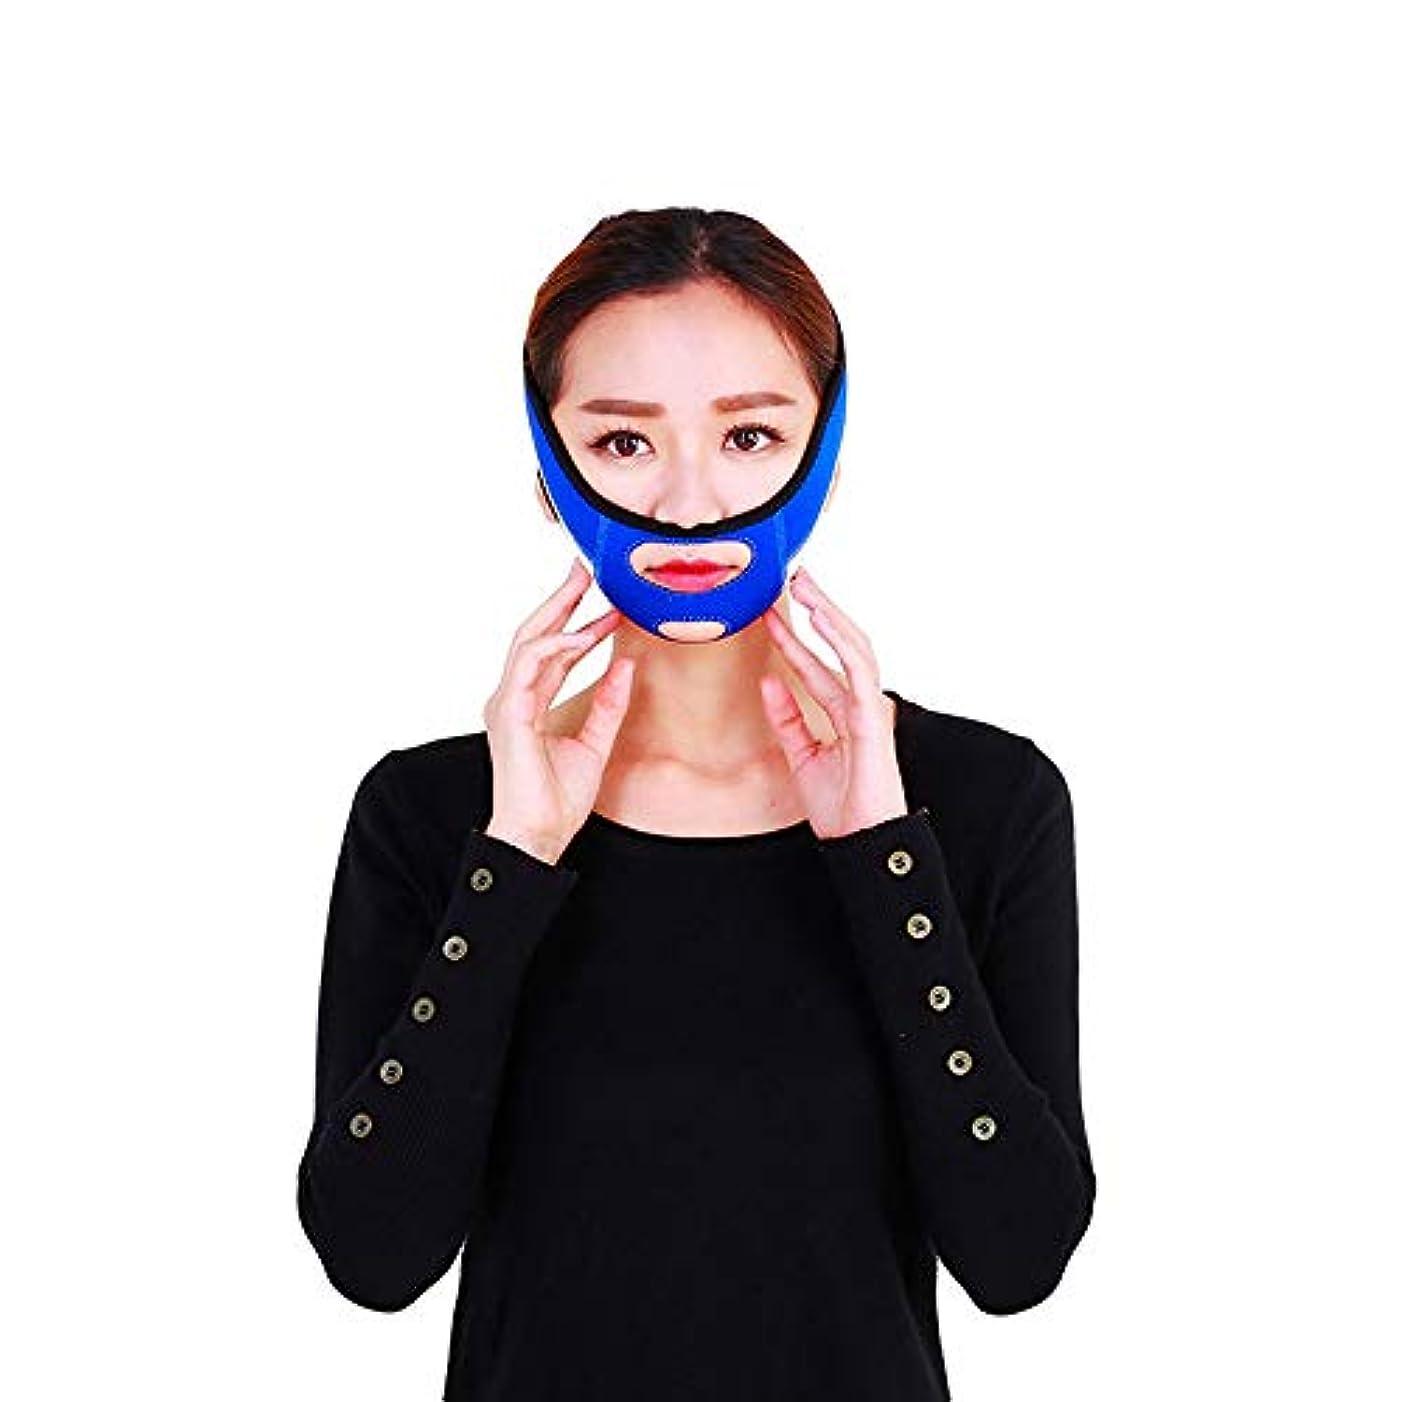 頼むとウィンクMinmin フェイシャルリフティング痩身ベルトフェーススリム二重あごを取り除くアンチエイジングリンクルフェイス包帯マスク整形マスクが顔を引き締める みんみんVラインフェイスマスク